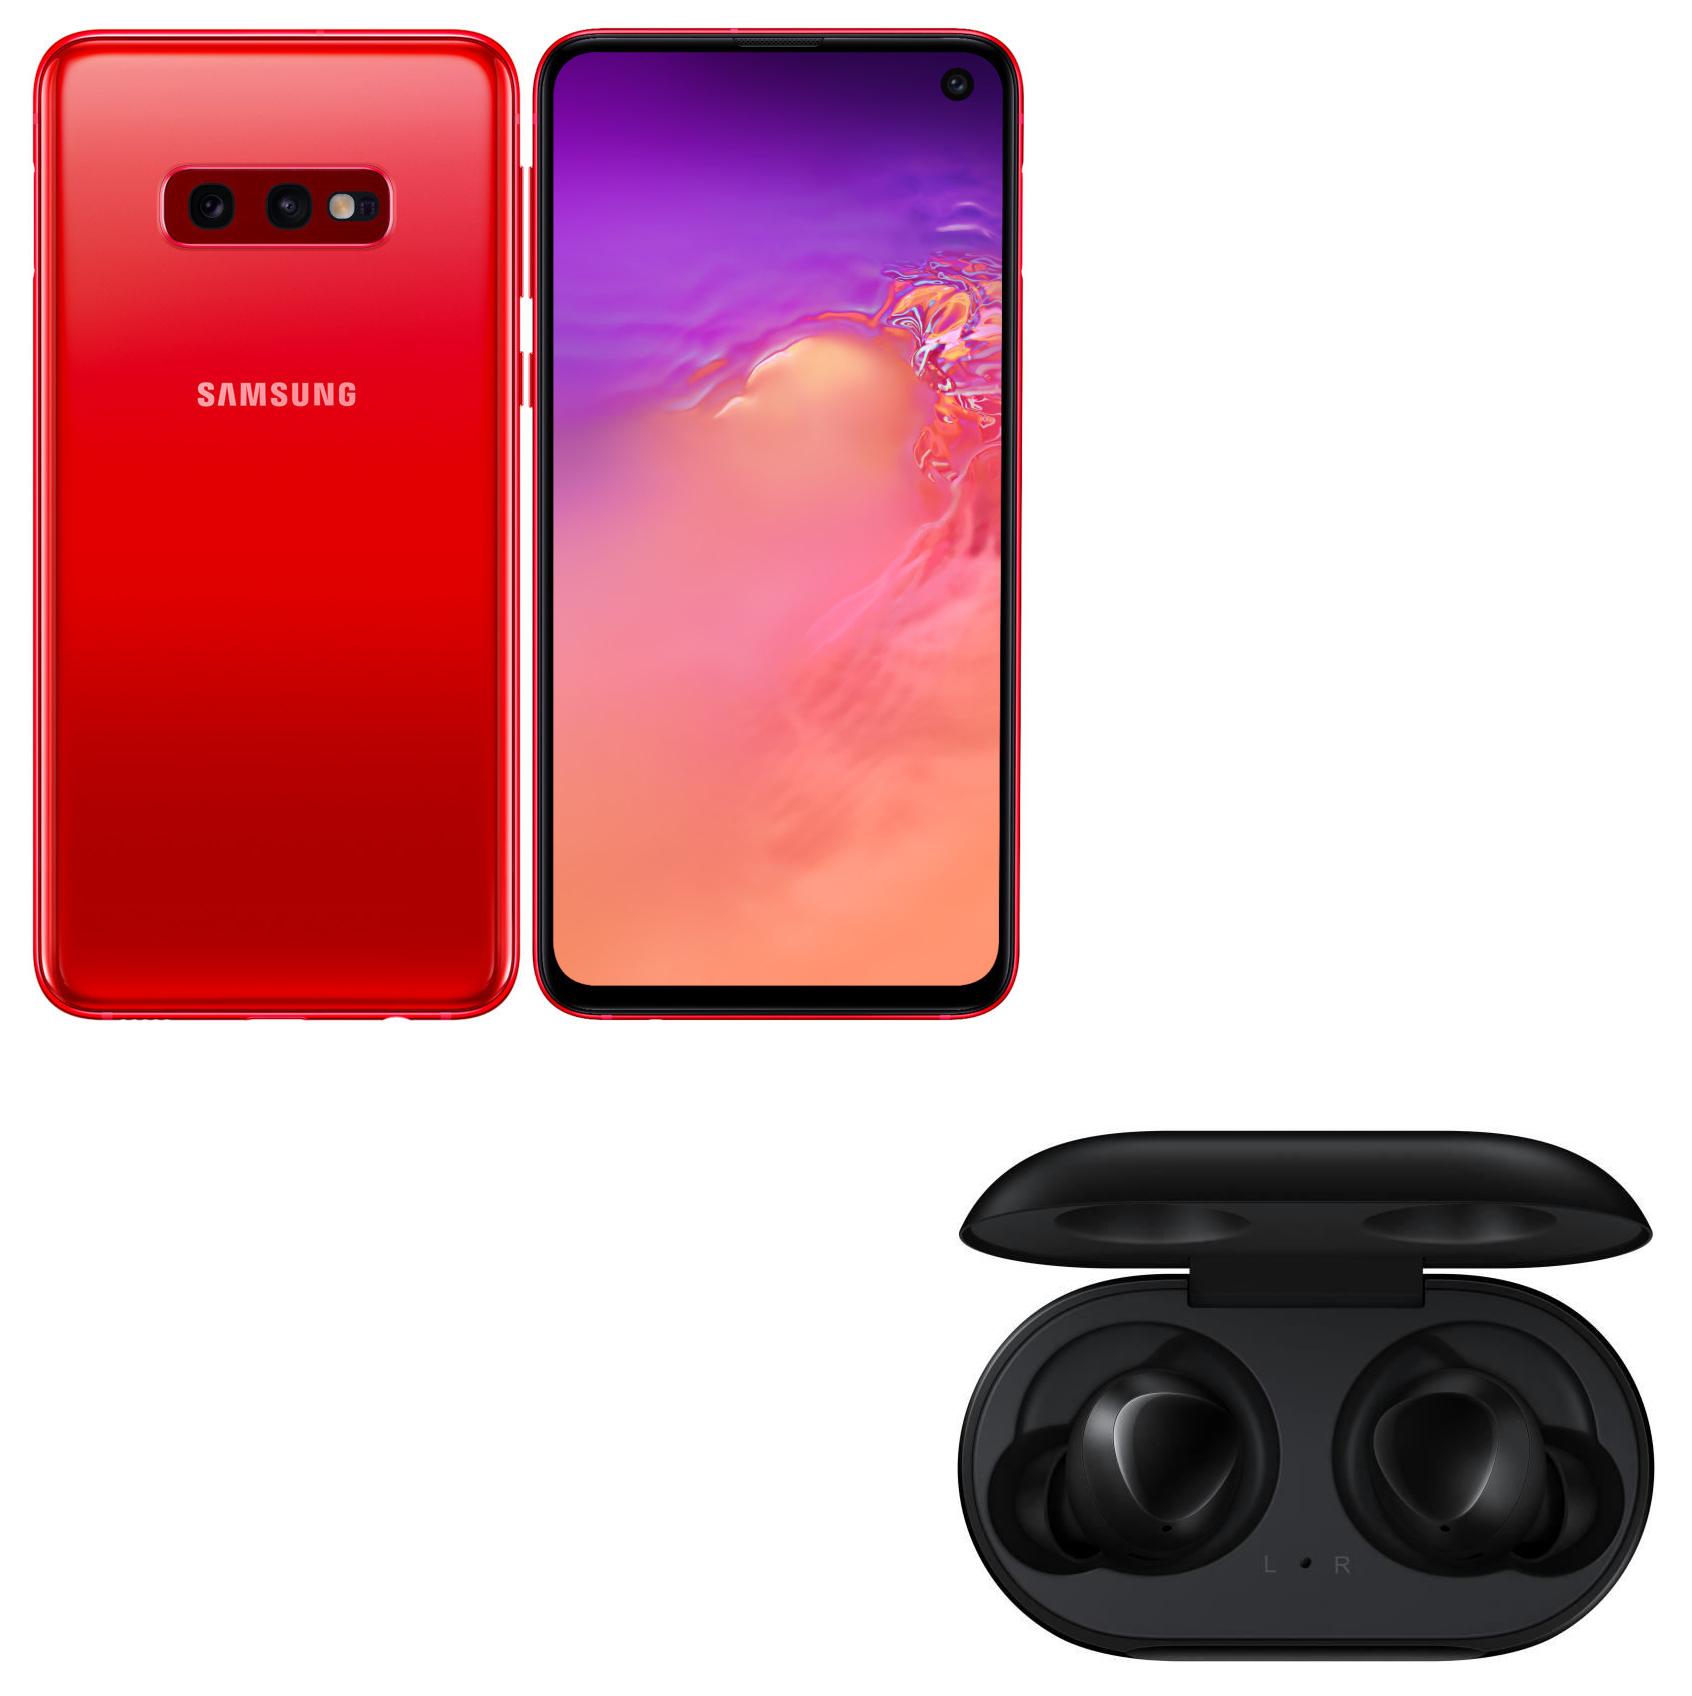 """Smartphone 5.8"""" Samsung Galaxy S10e (Coloris au choix) + Écouteurs sans fil Samsung Galaxy Buds (Noir ou Blanc) - Via ODR de 150€"""